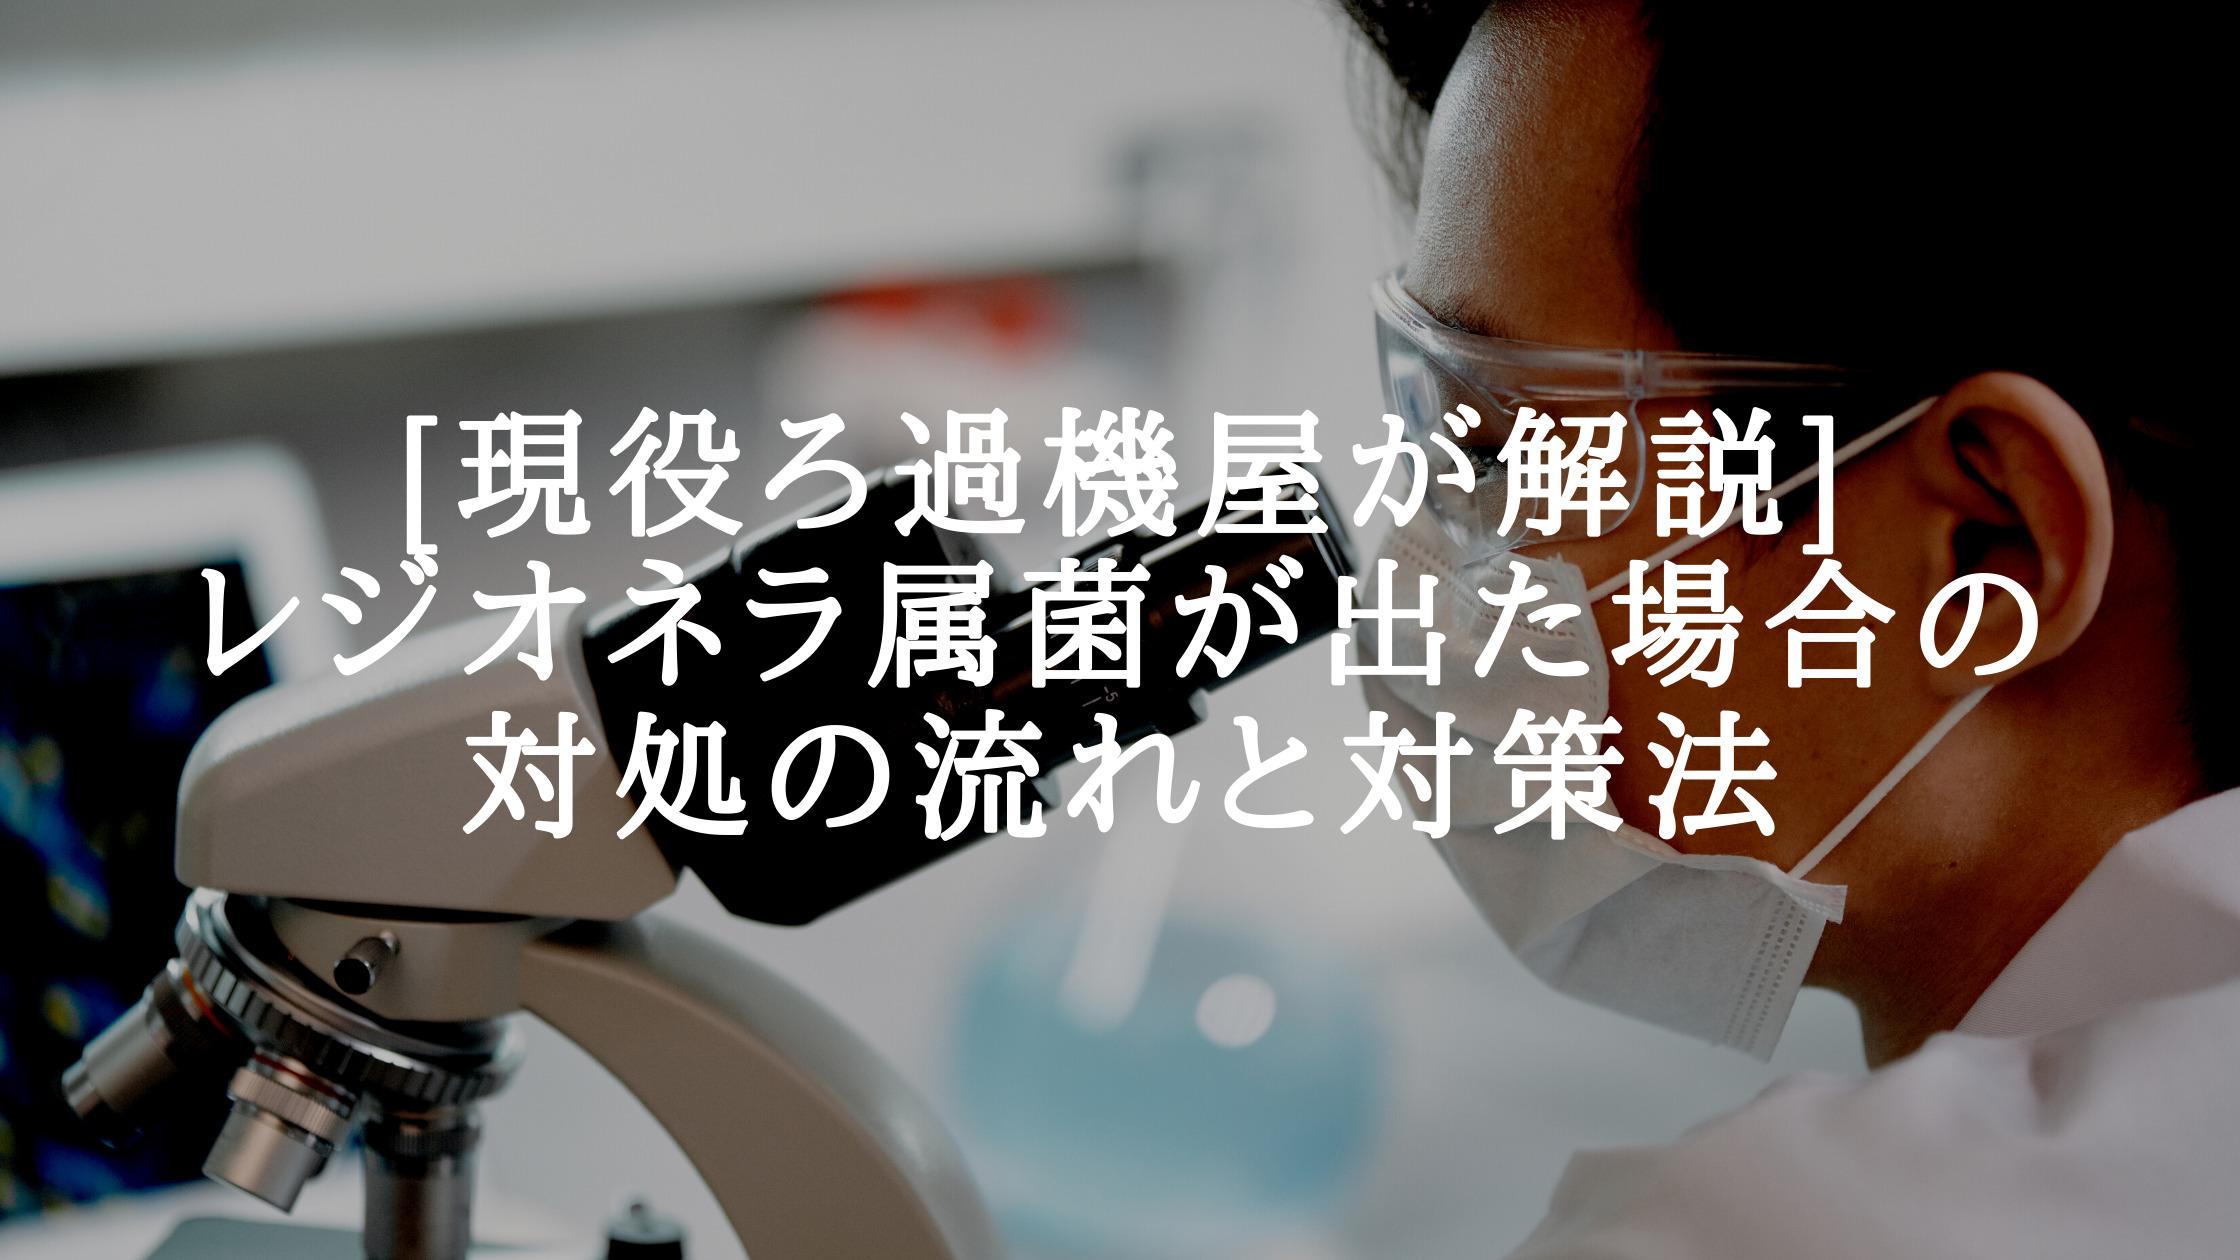 [現役ろ過機屋が解説]レジオネラ属菌が出た場合の対処の流れと対策法